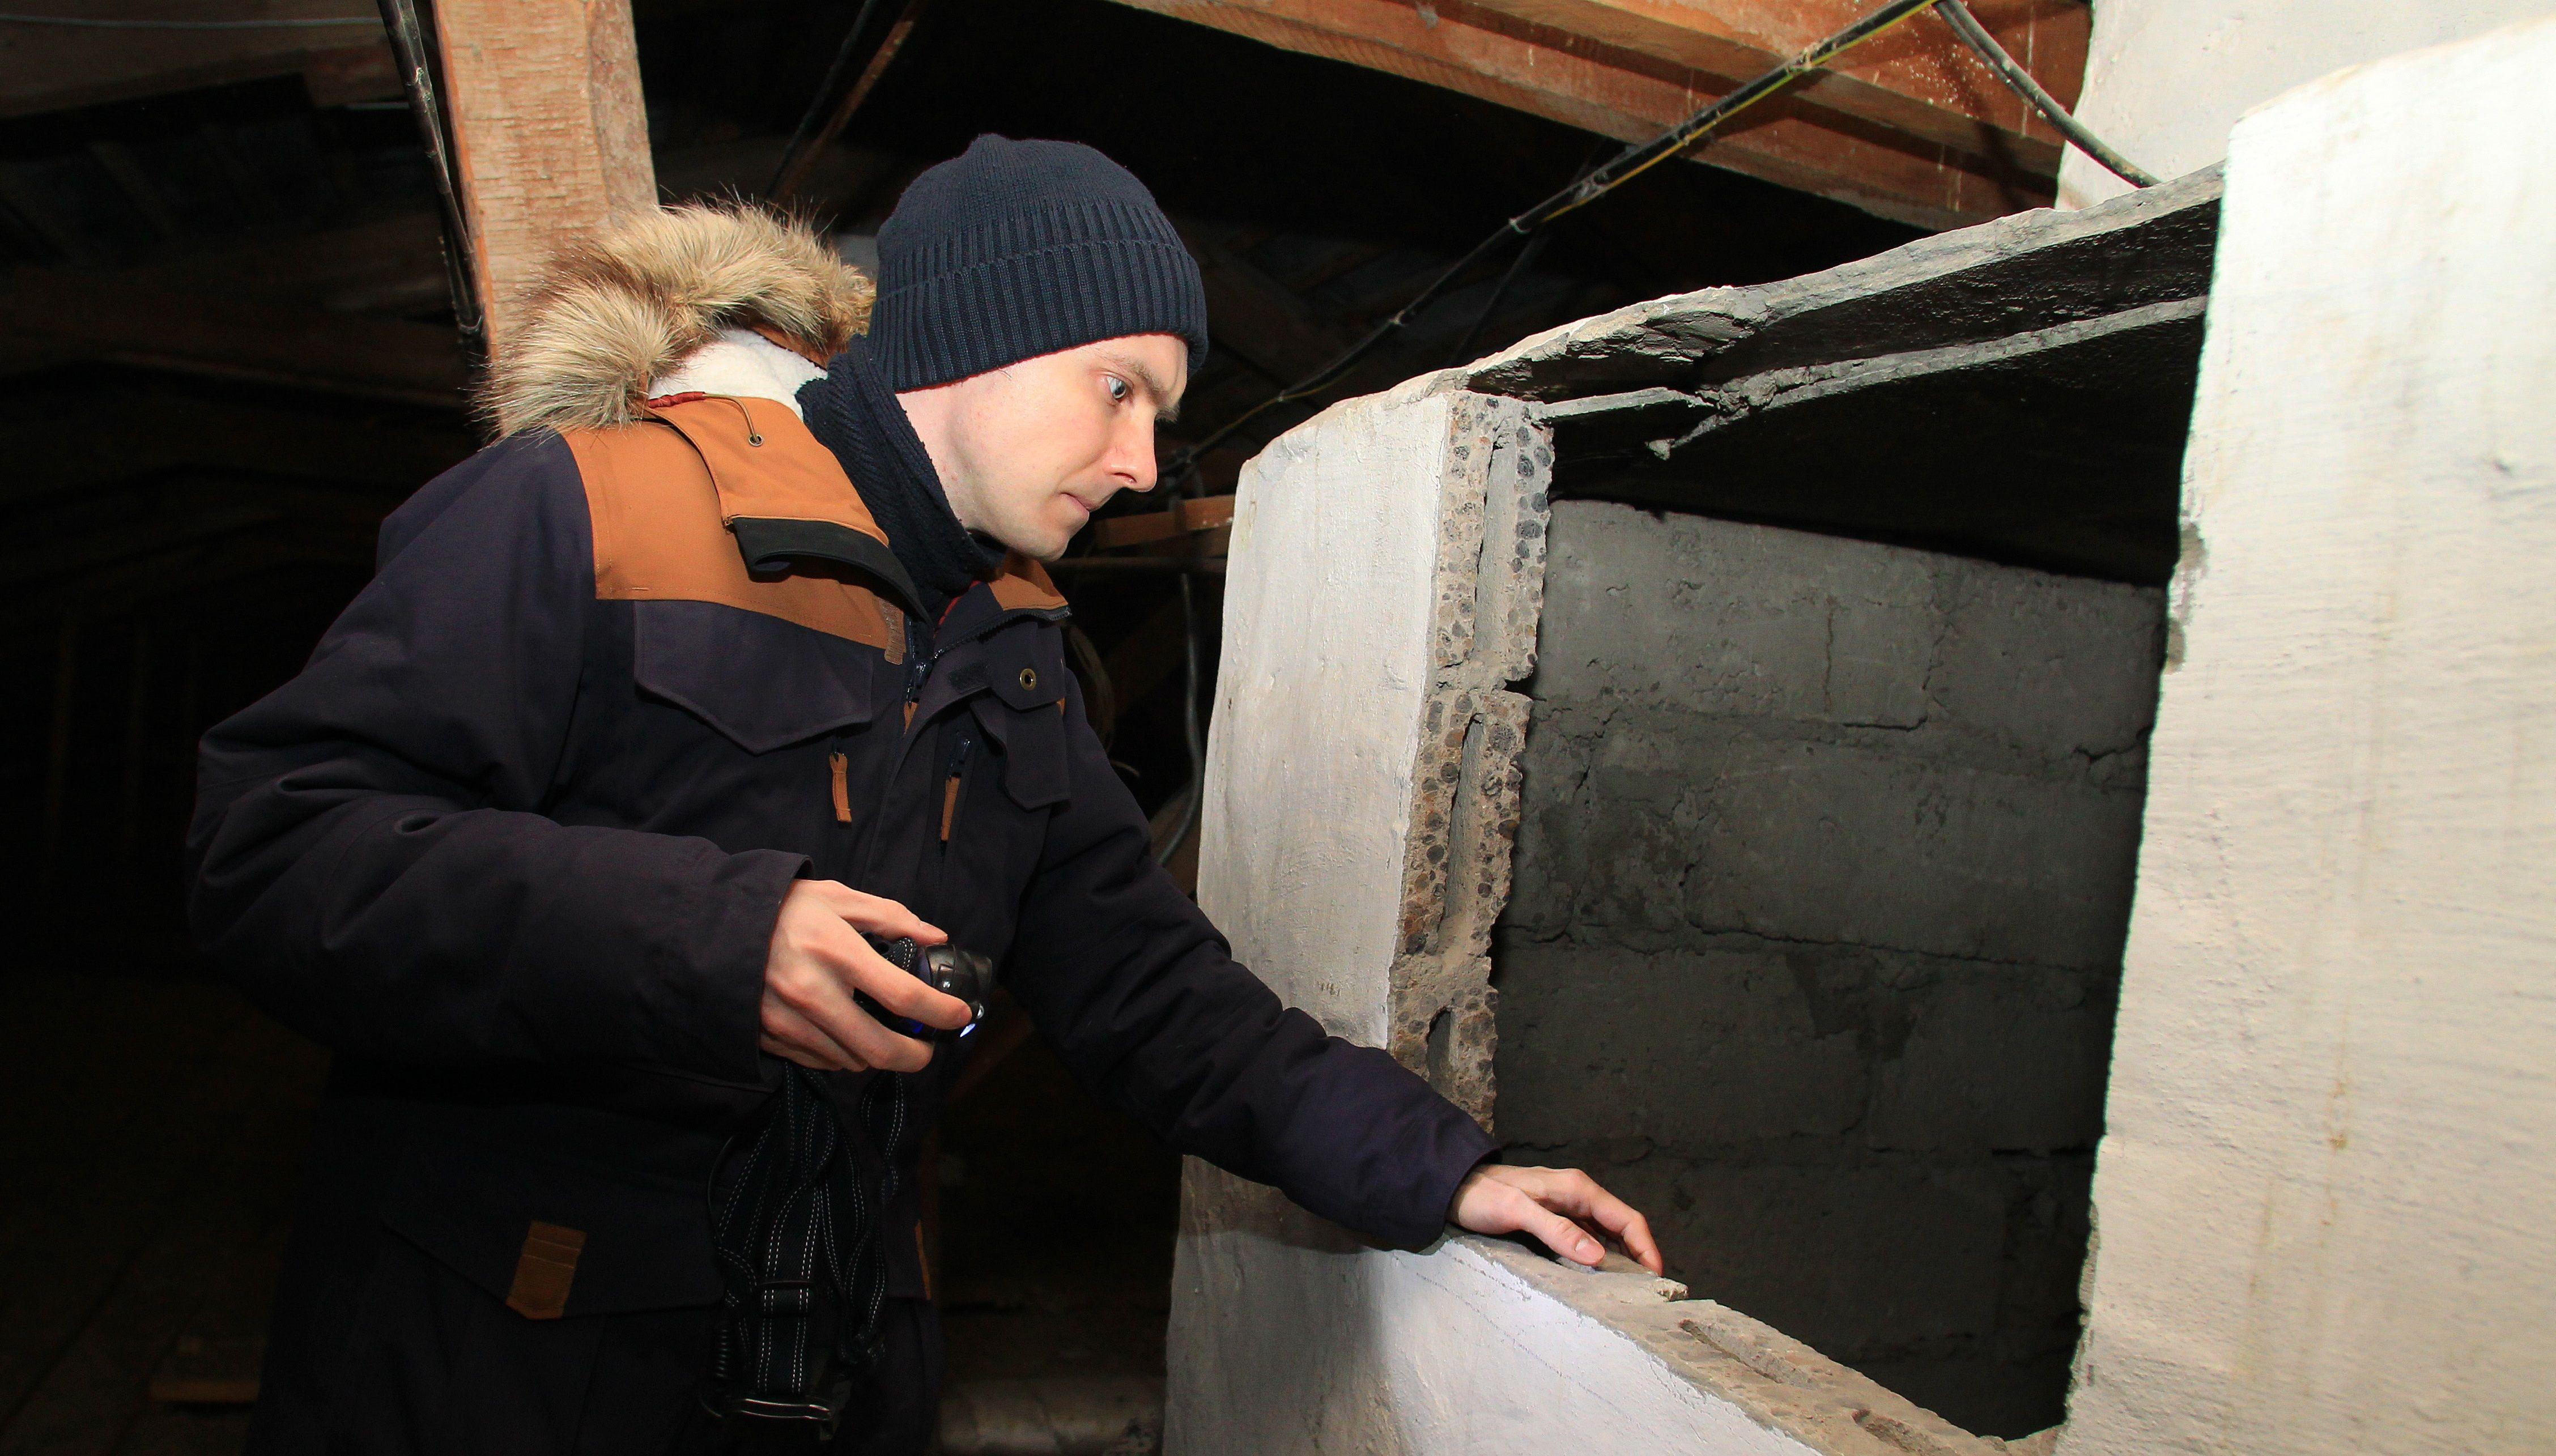 Проверку реализовали в многоквартирных жилых домах в поселке Шишкин Лес. Фото: архив, «Вечерняя Москва»